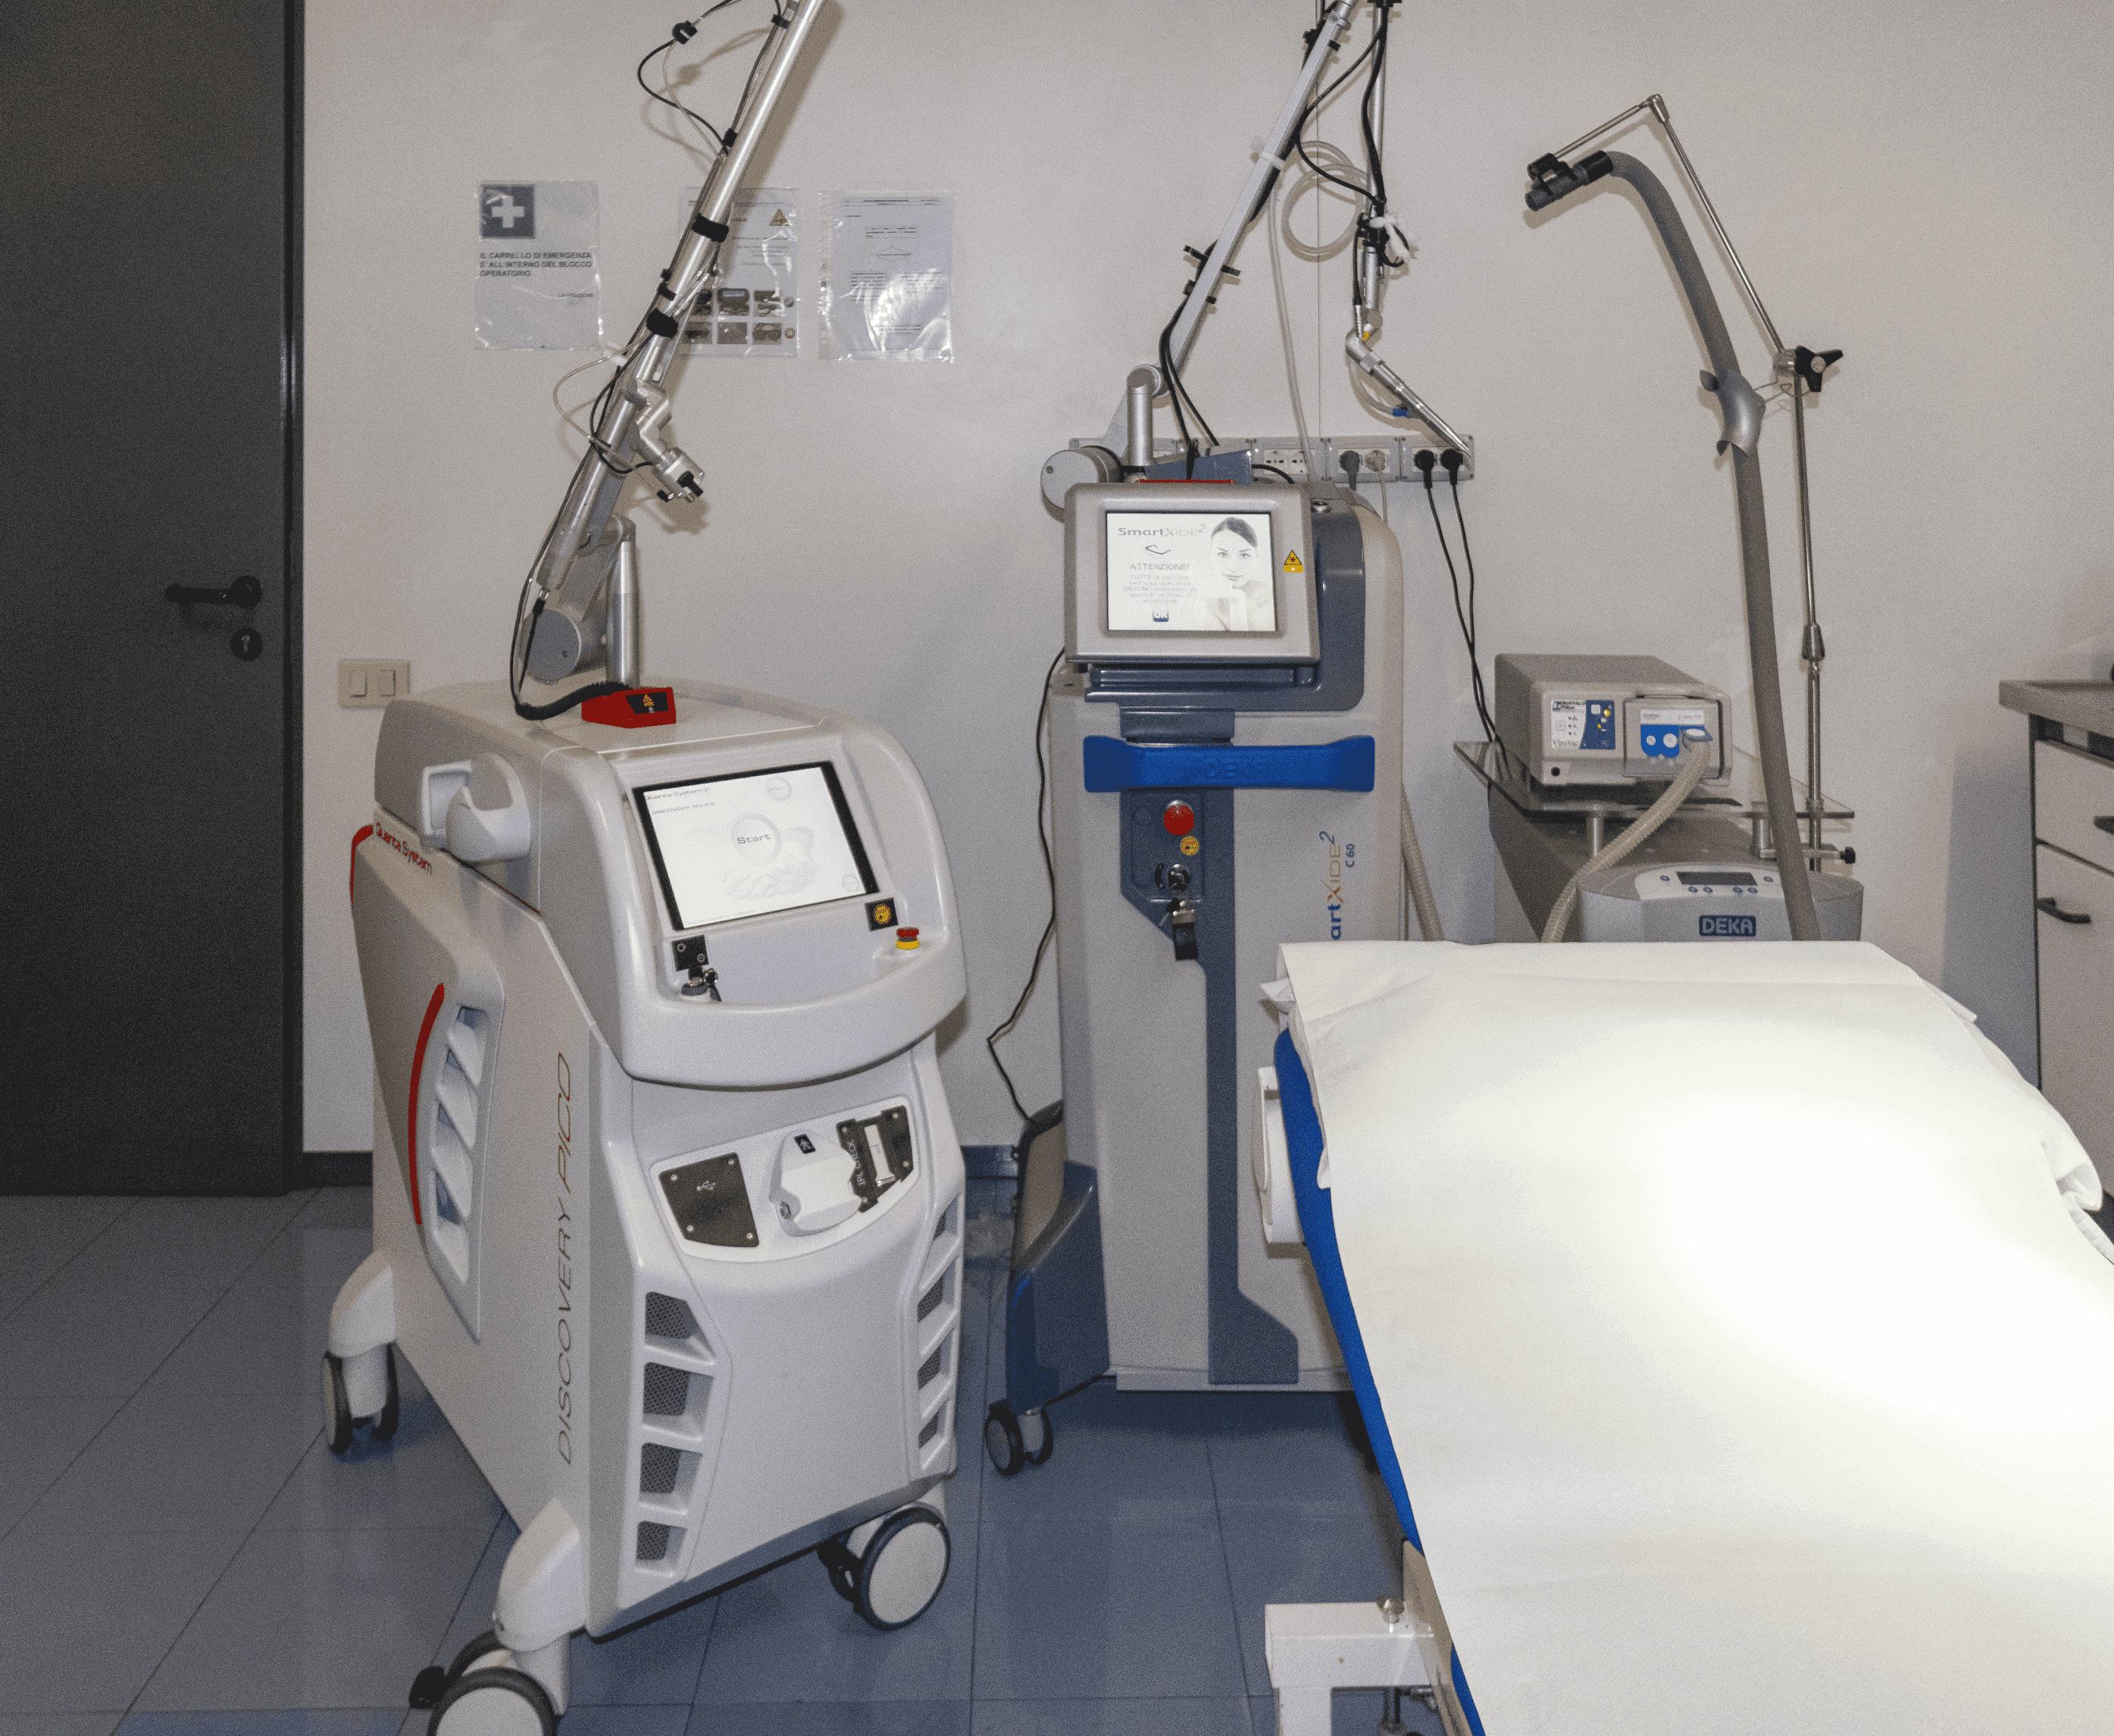 dermatologia laserchirurgia